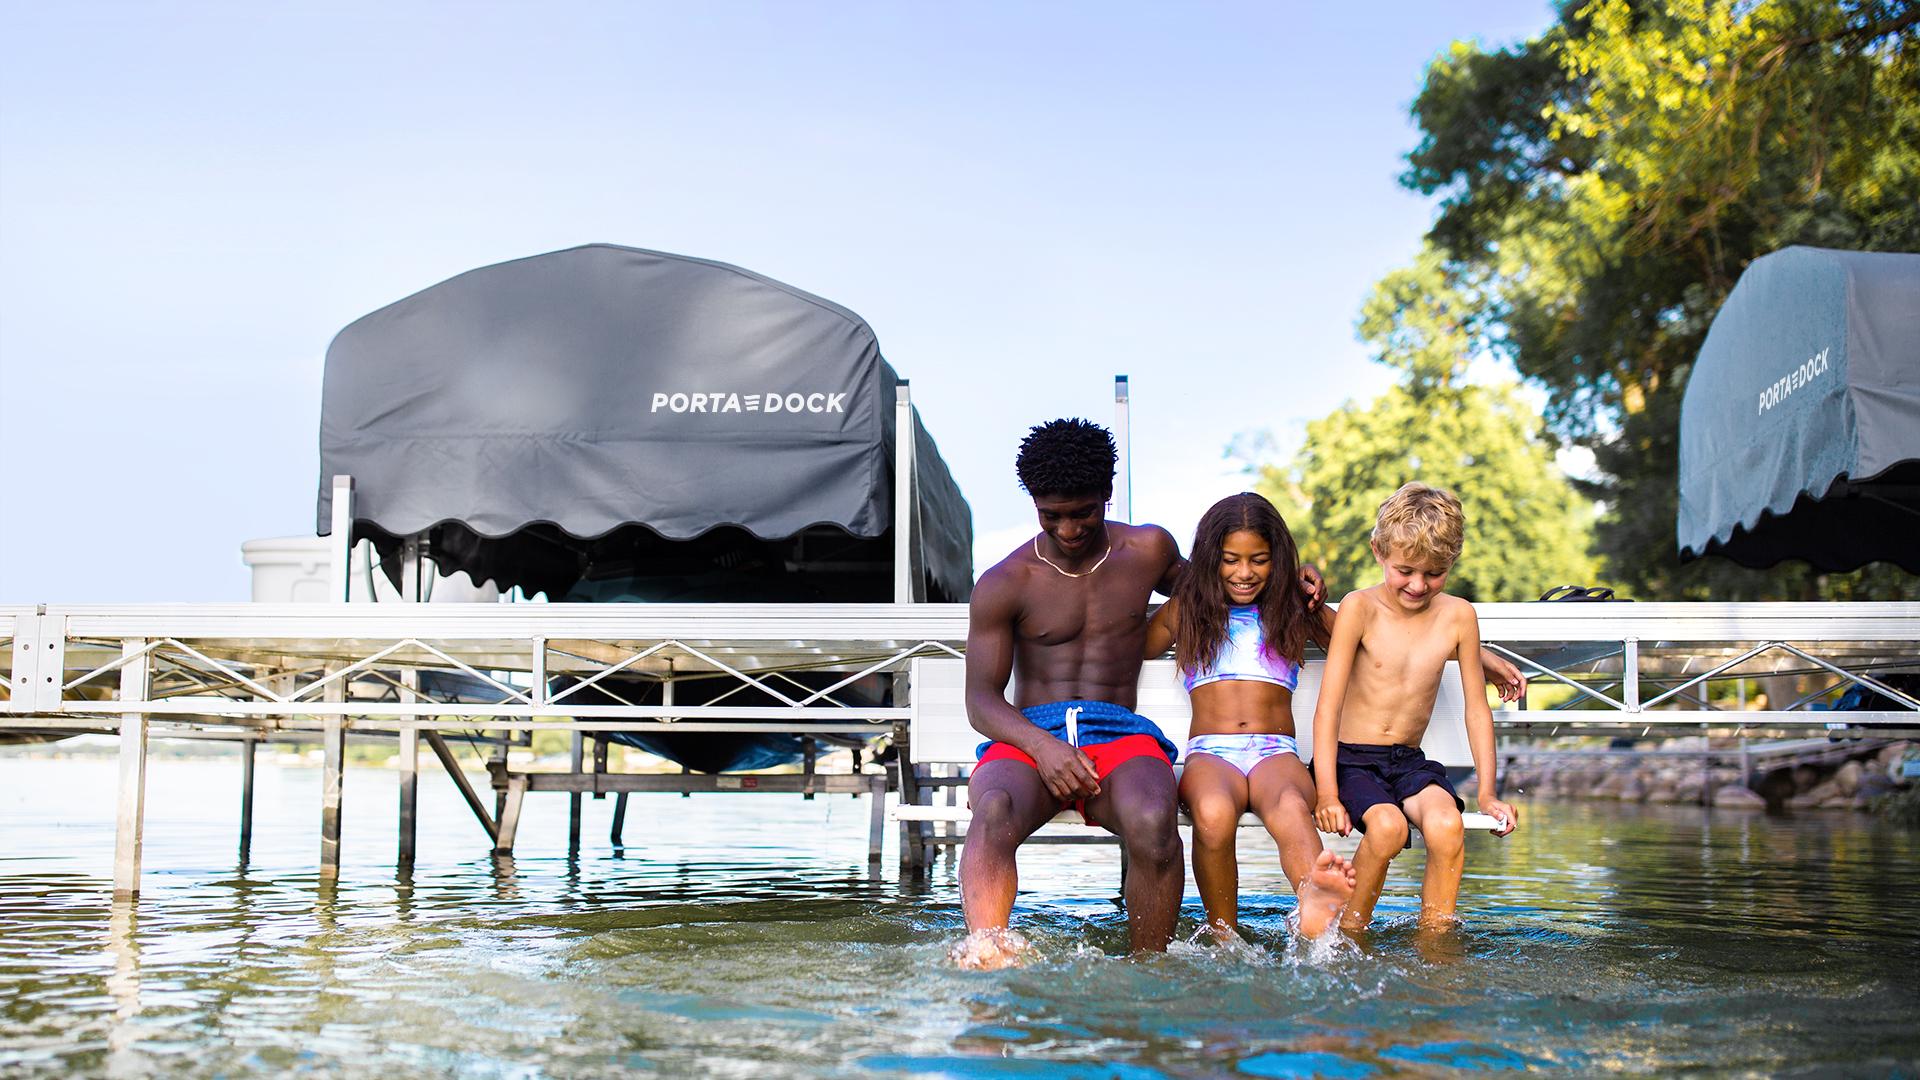 Splashing in the lake on a Porta-Dock swim-up bench